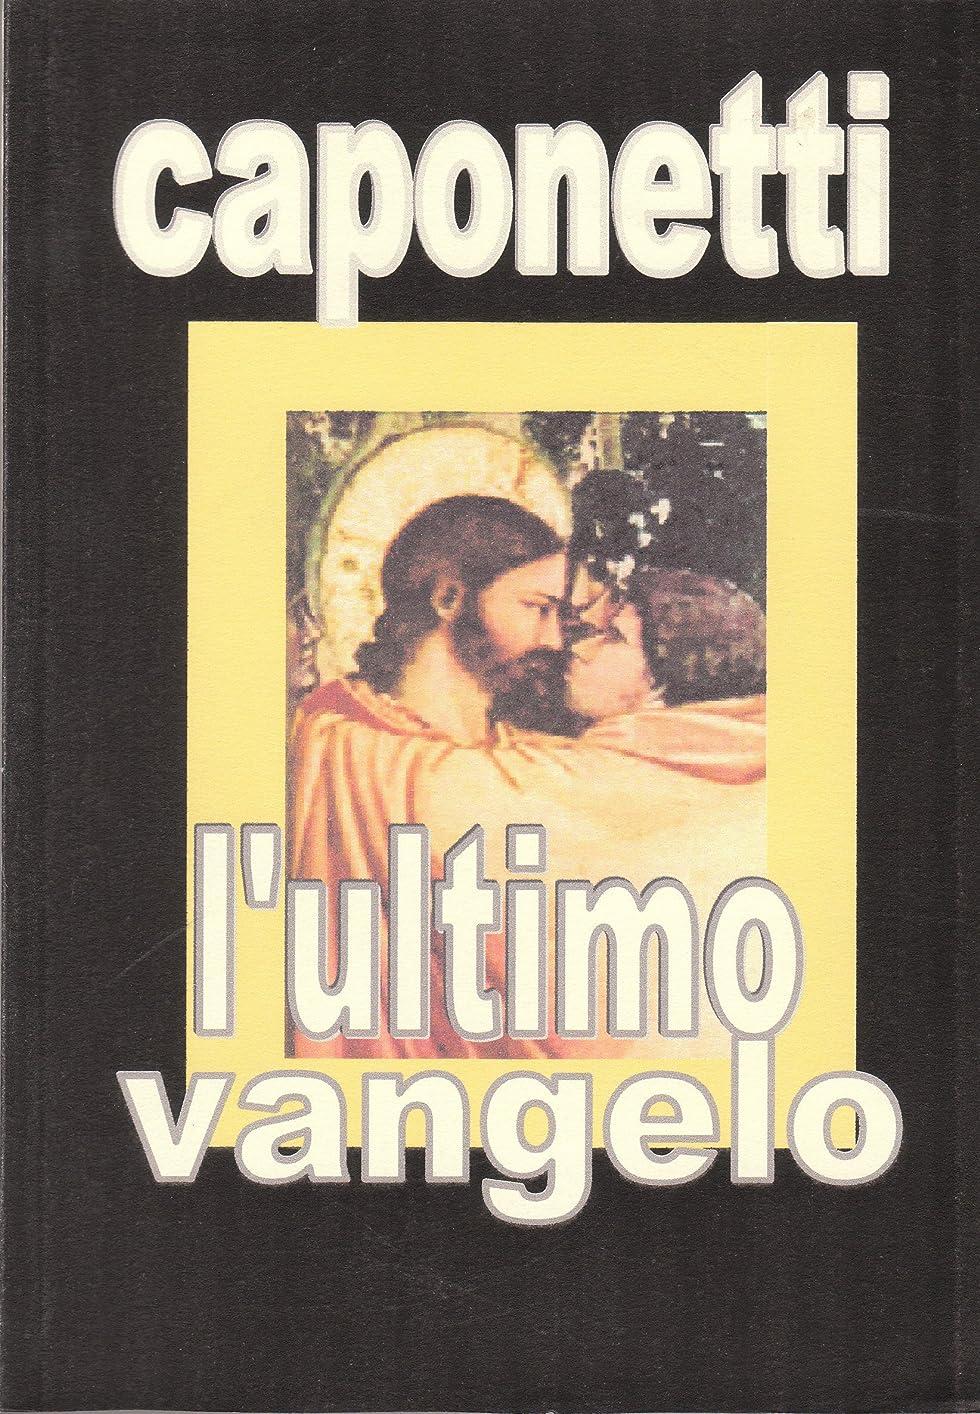 レポートを書くやりがいのある山積みのl'ultimo vangelo (narrativa) (Italian Edition)